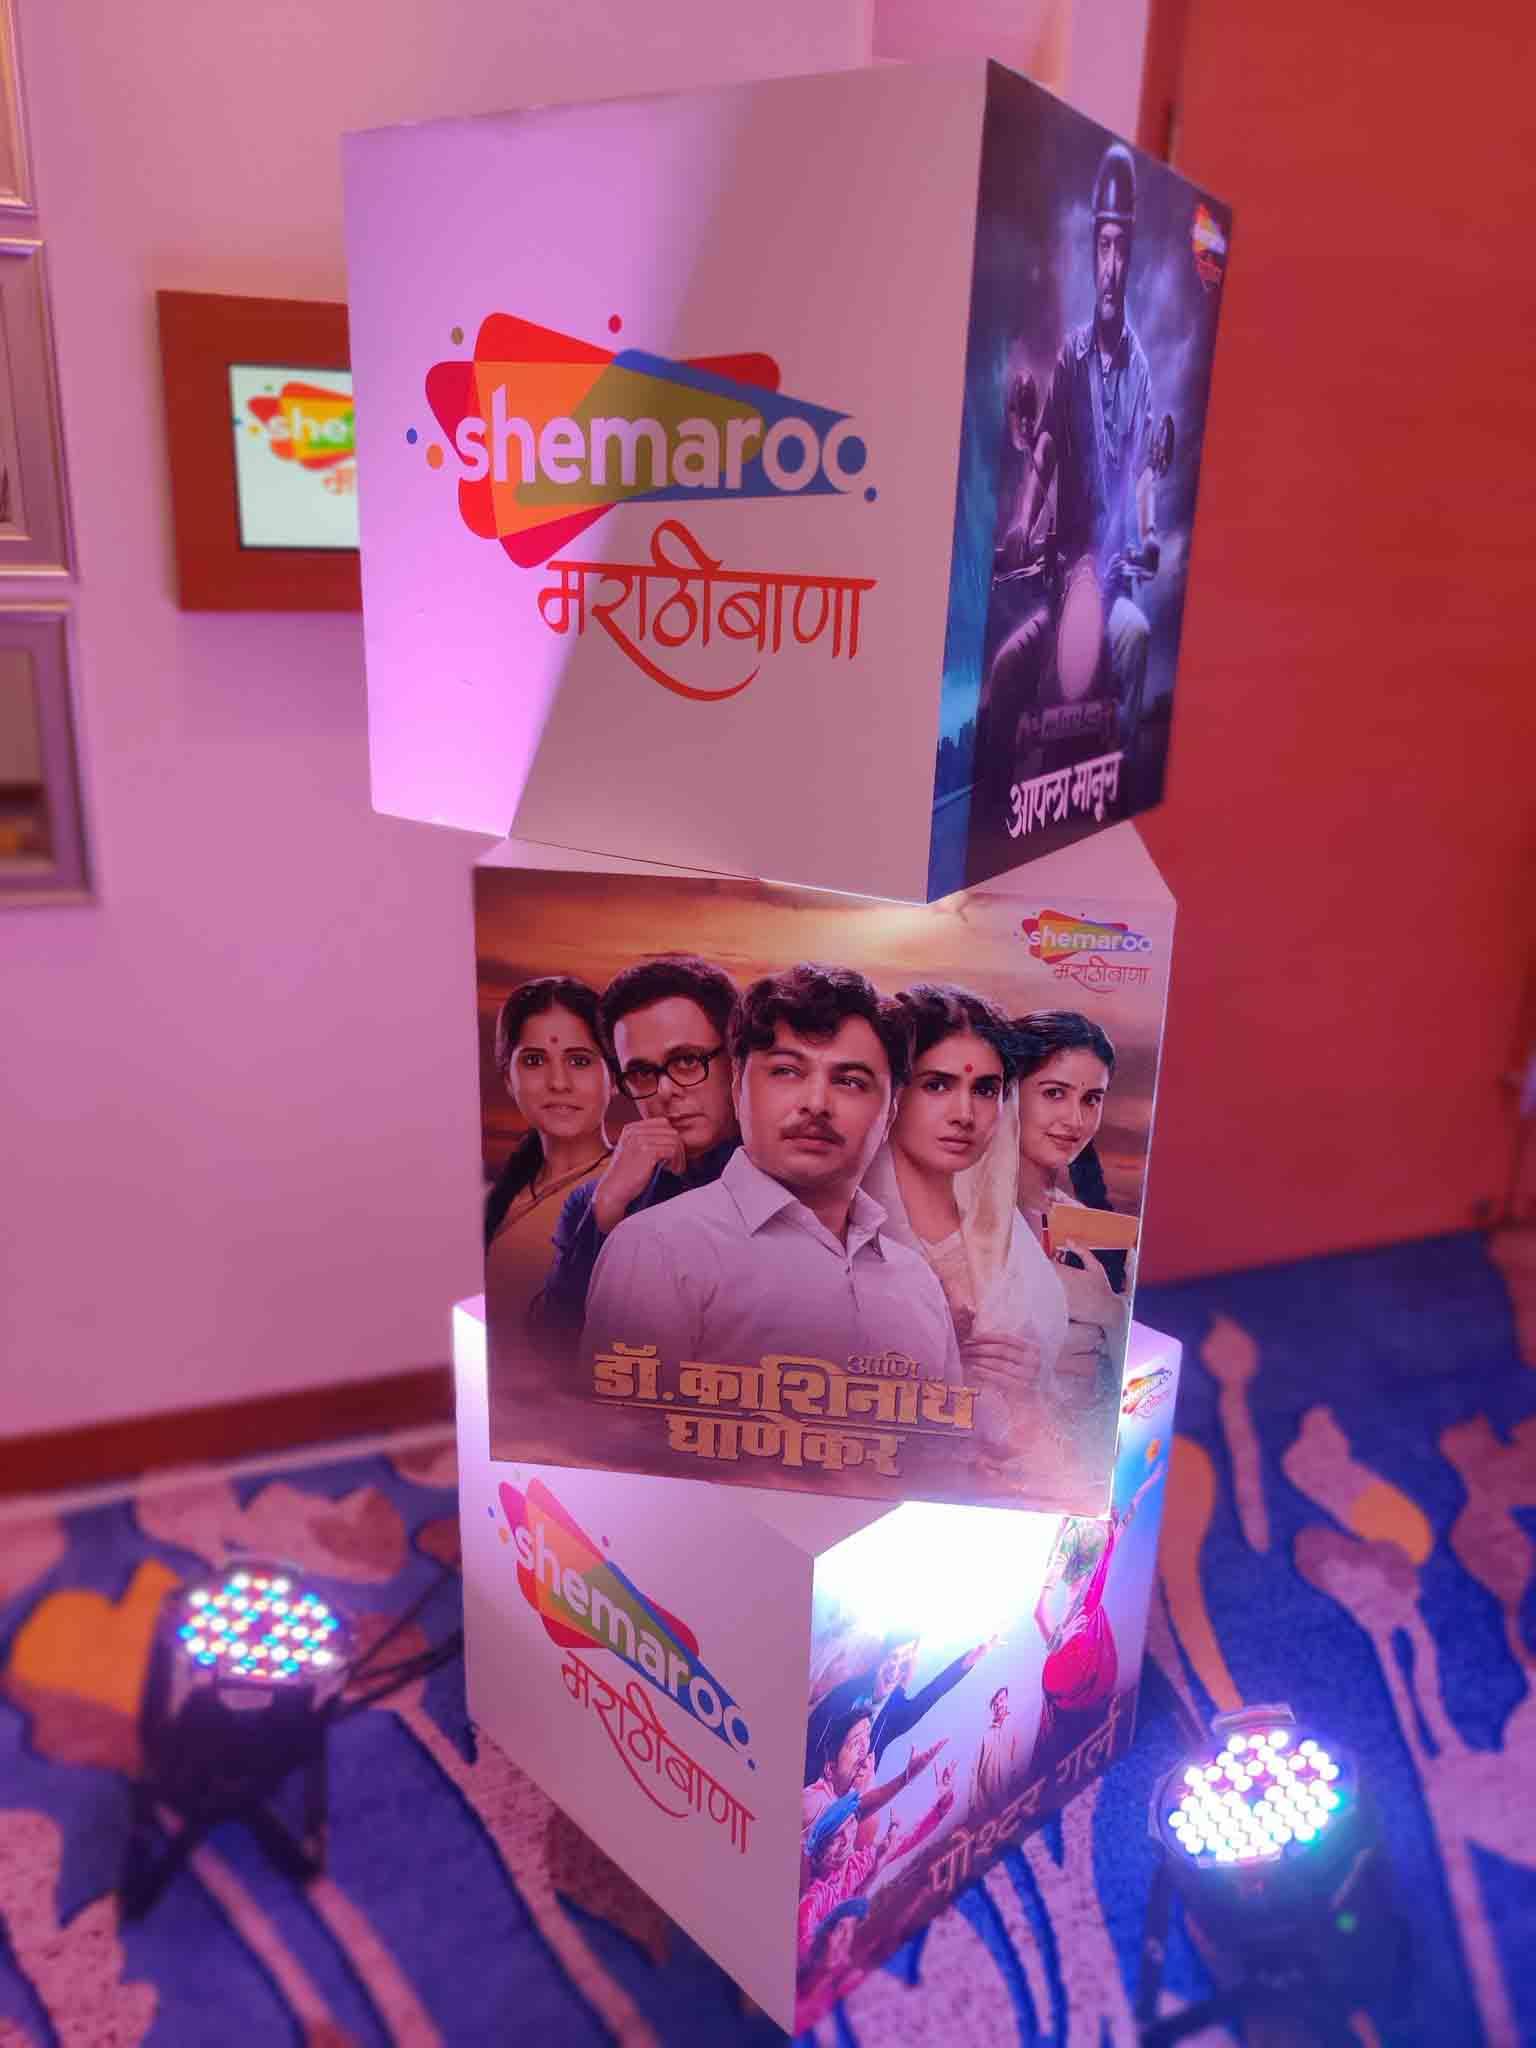 Shemaroo Entertainment launches new Marathi movie channel - Shemaroo MarathiBana